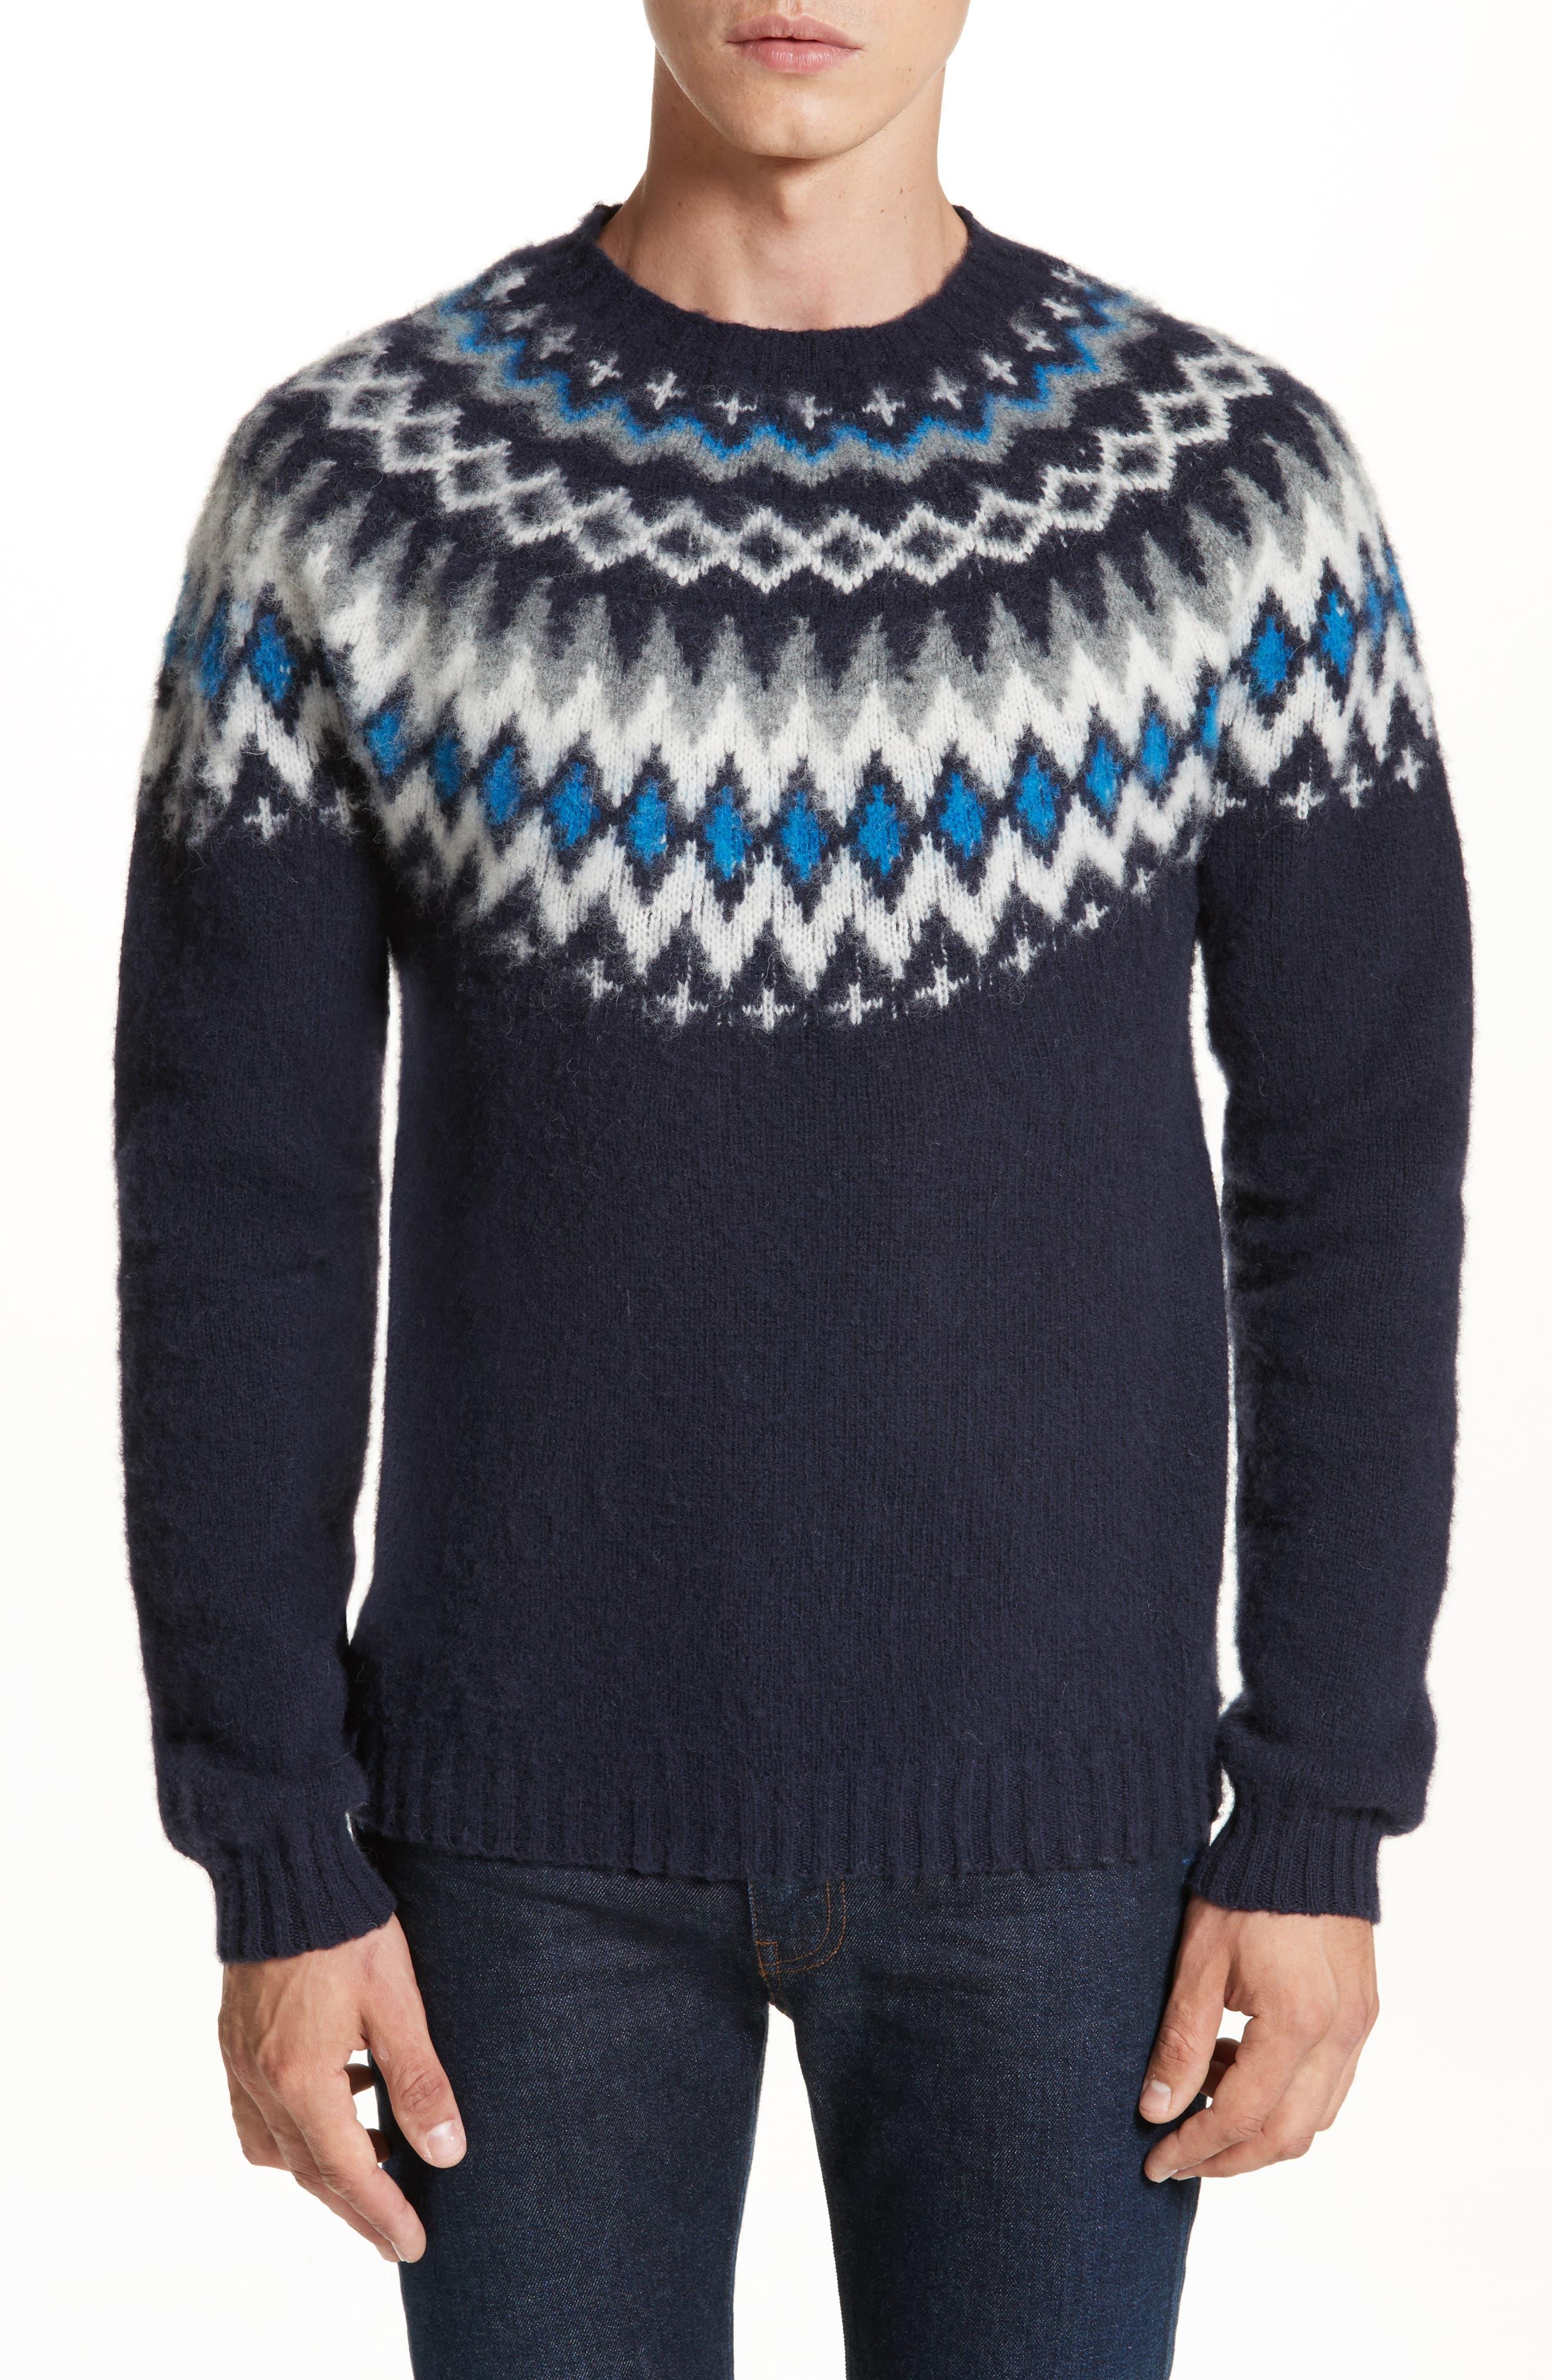 Nirnir Fair Isle Lambswool Sweater,                             Main thumbnail 1, color,                             Navy